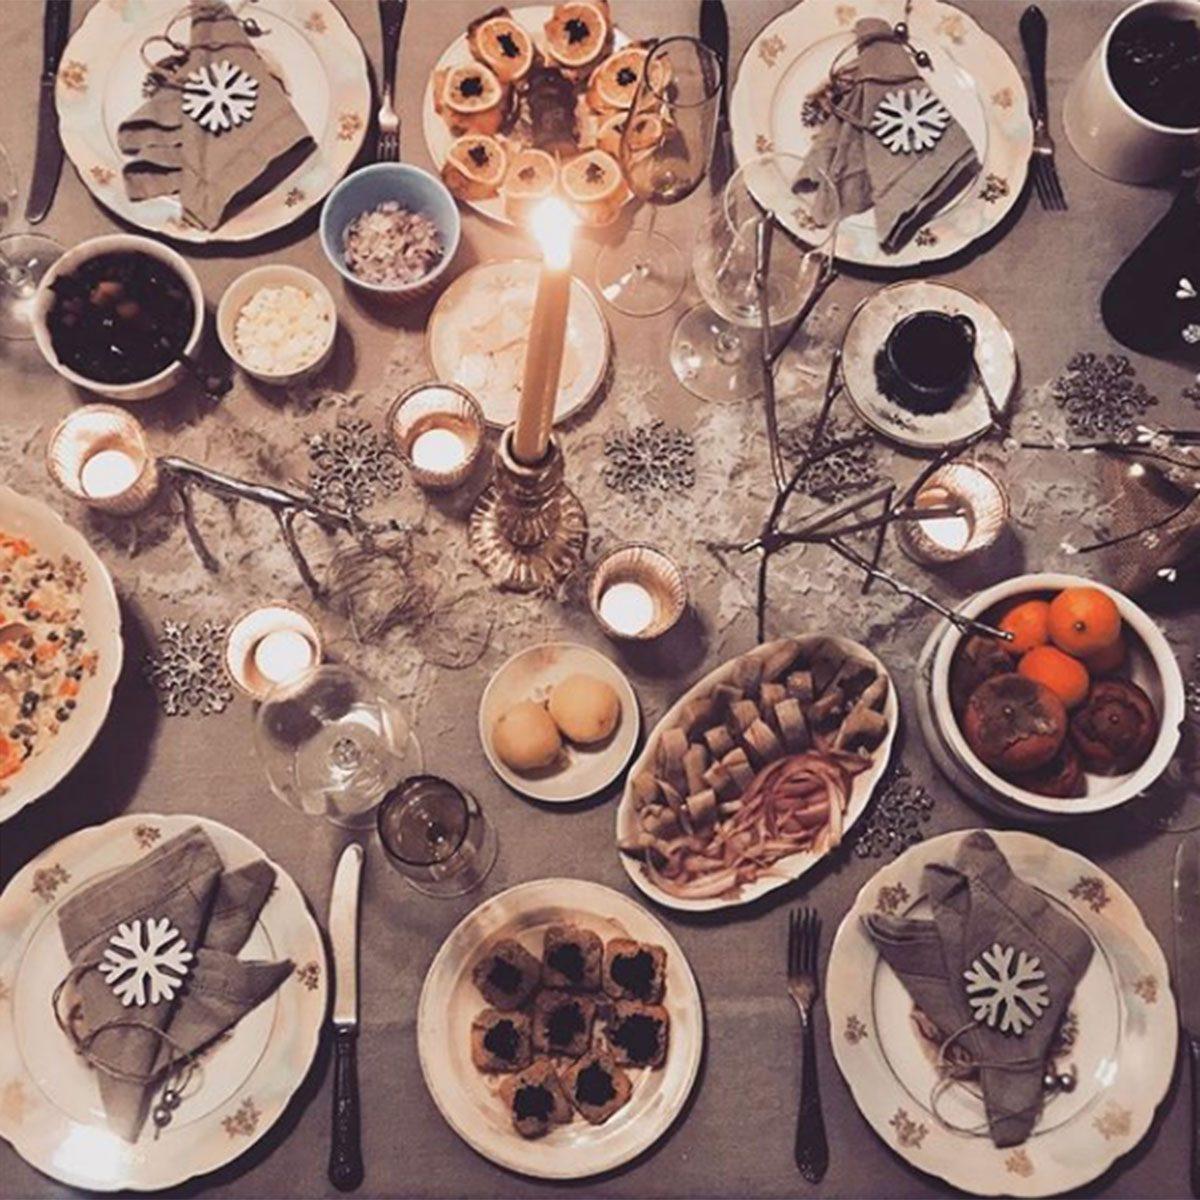 Lithuianian Christmas Eve dinner